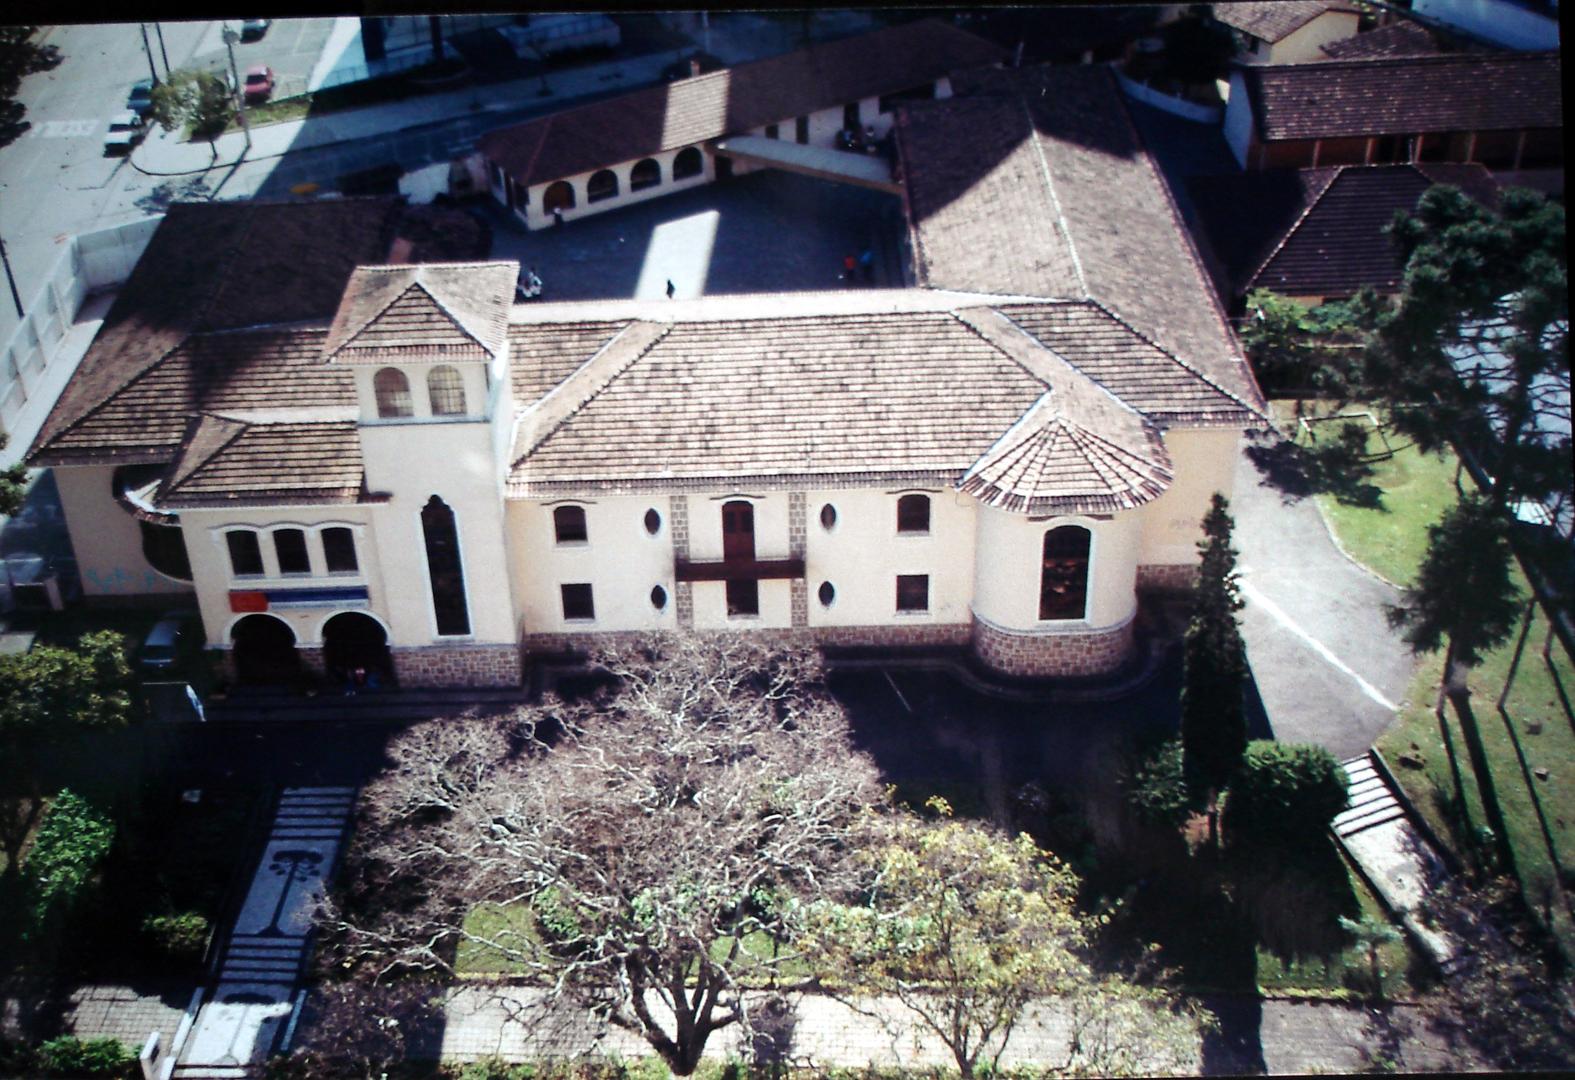 Vista da Colégio Estadual Lysimaco Ferreira da Costa, década de 2000.